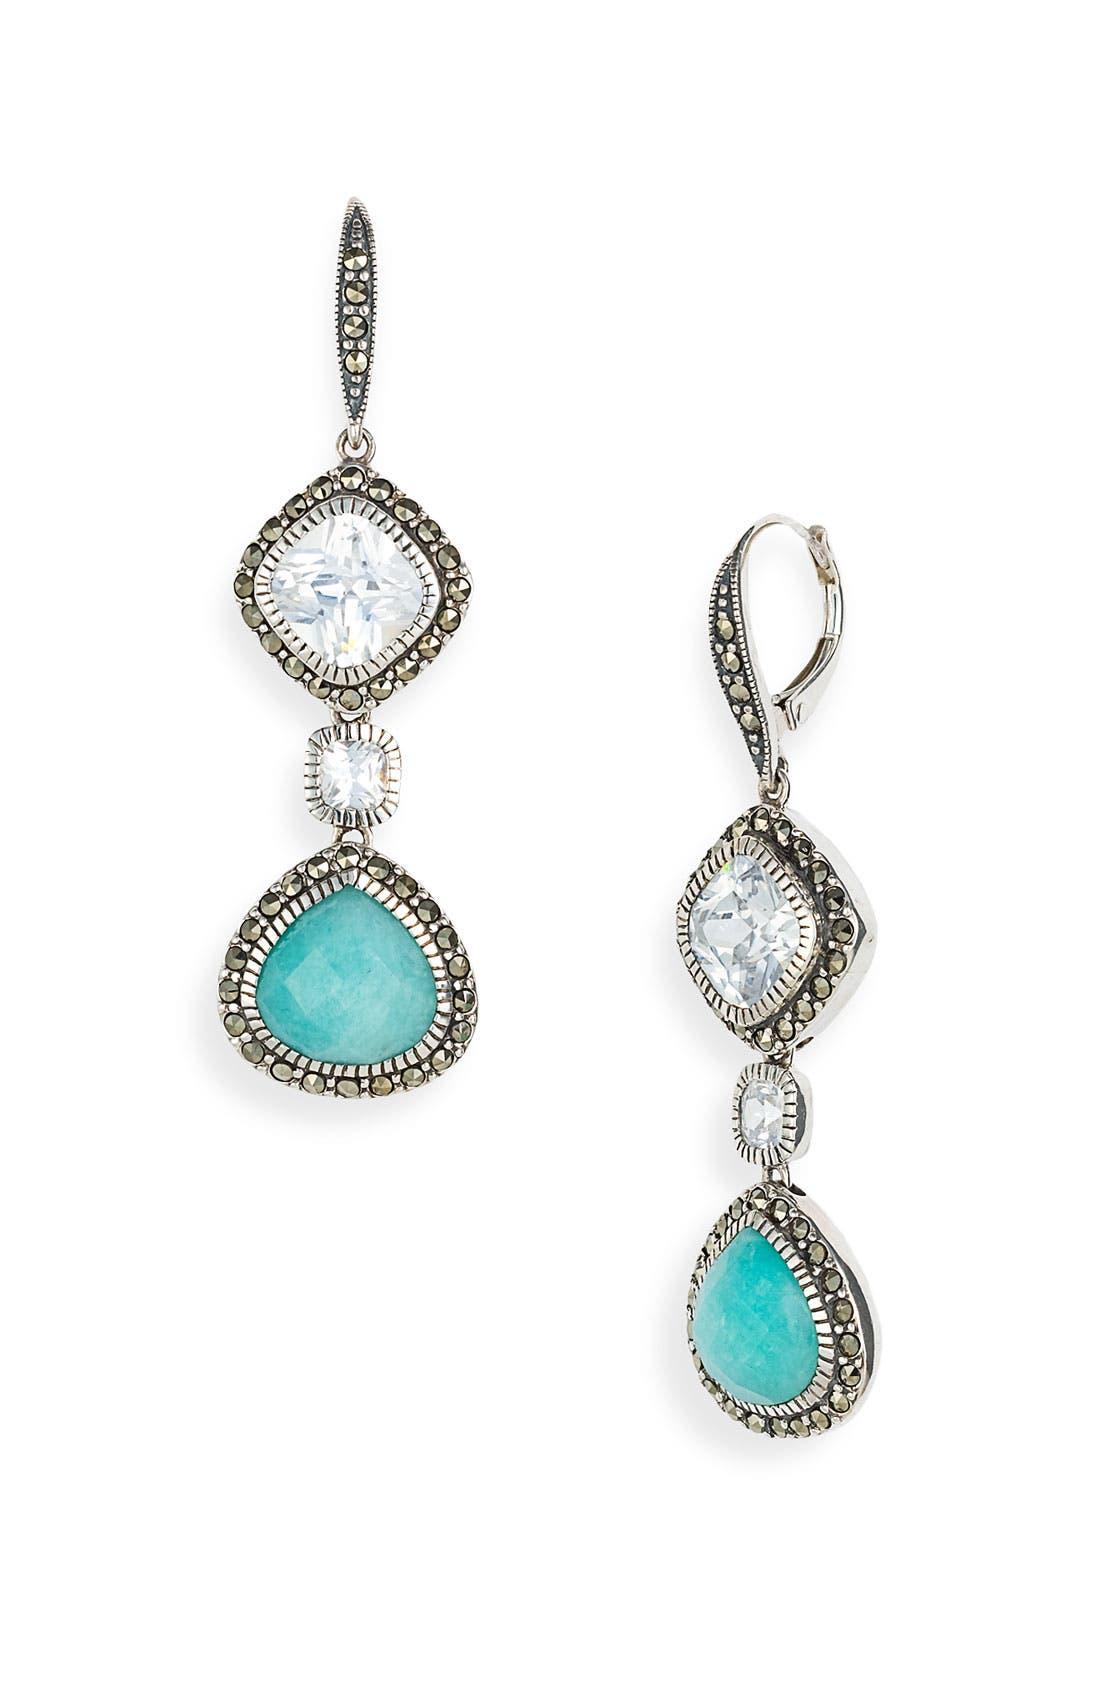 Main Image - Judith Jack 'Aquarius' Linear Drop Earrings